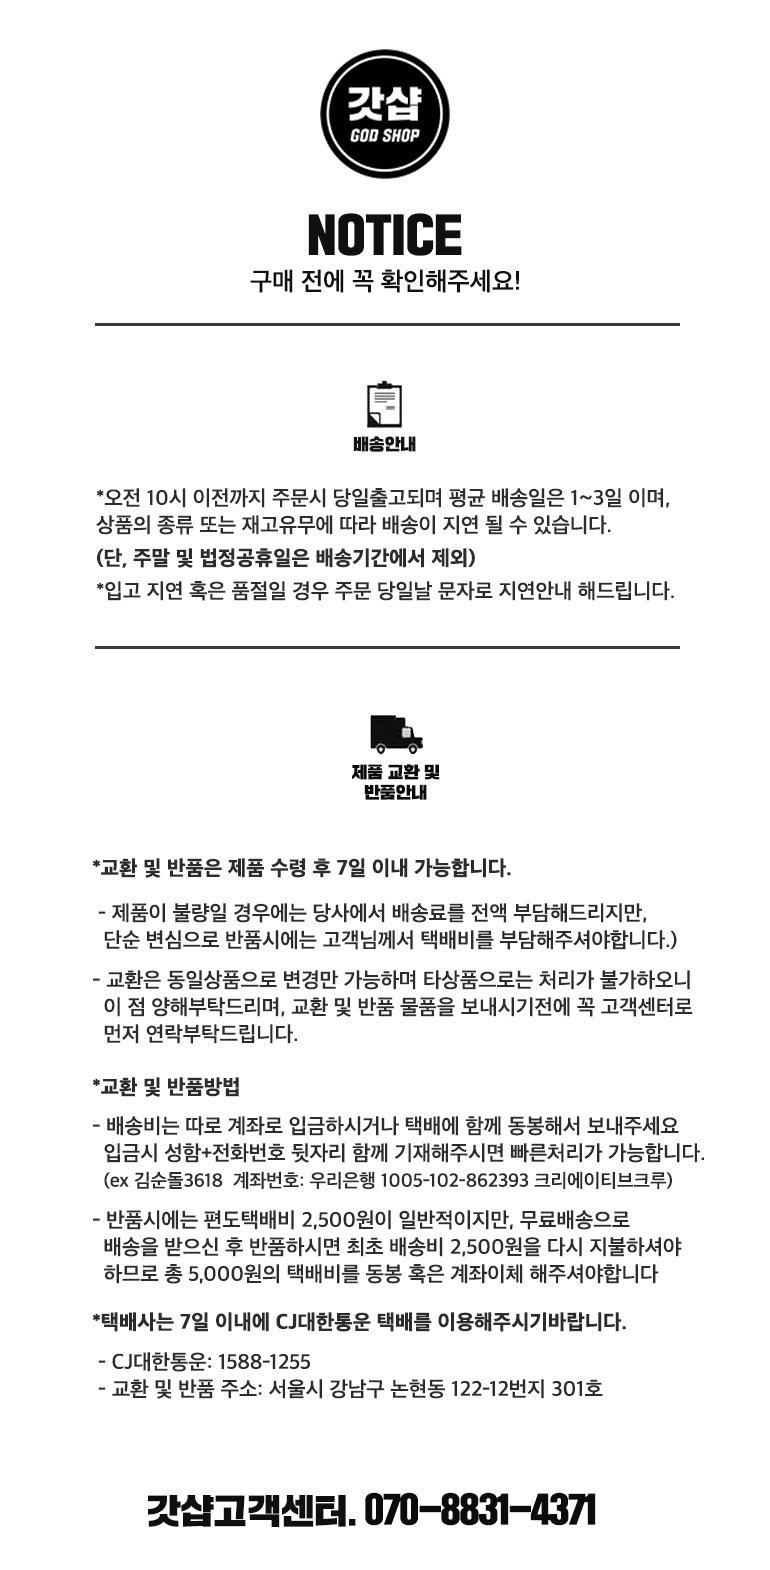 갓샵 구취제거스프레이 - 갓샵, 5,000원, 양치, 치약/디스펜서